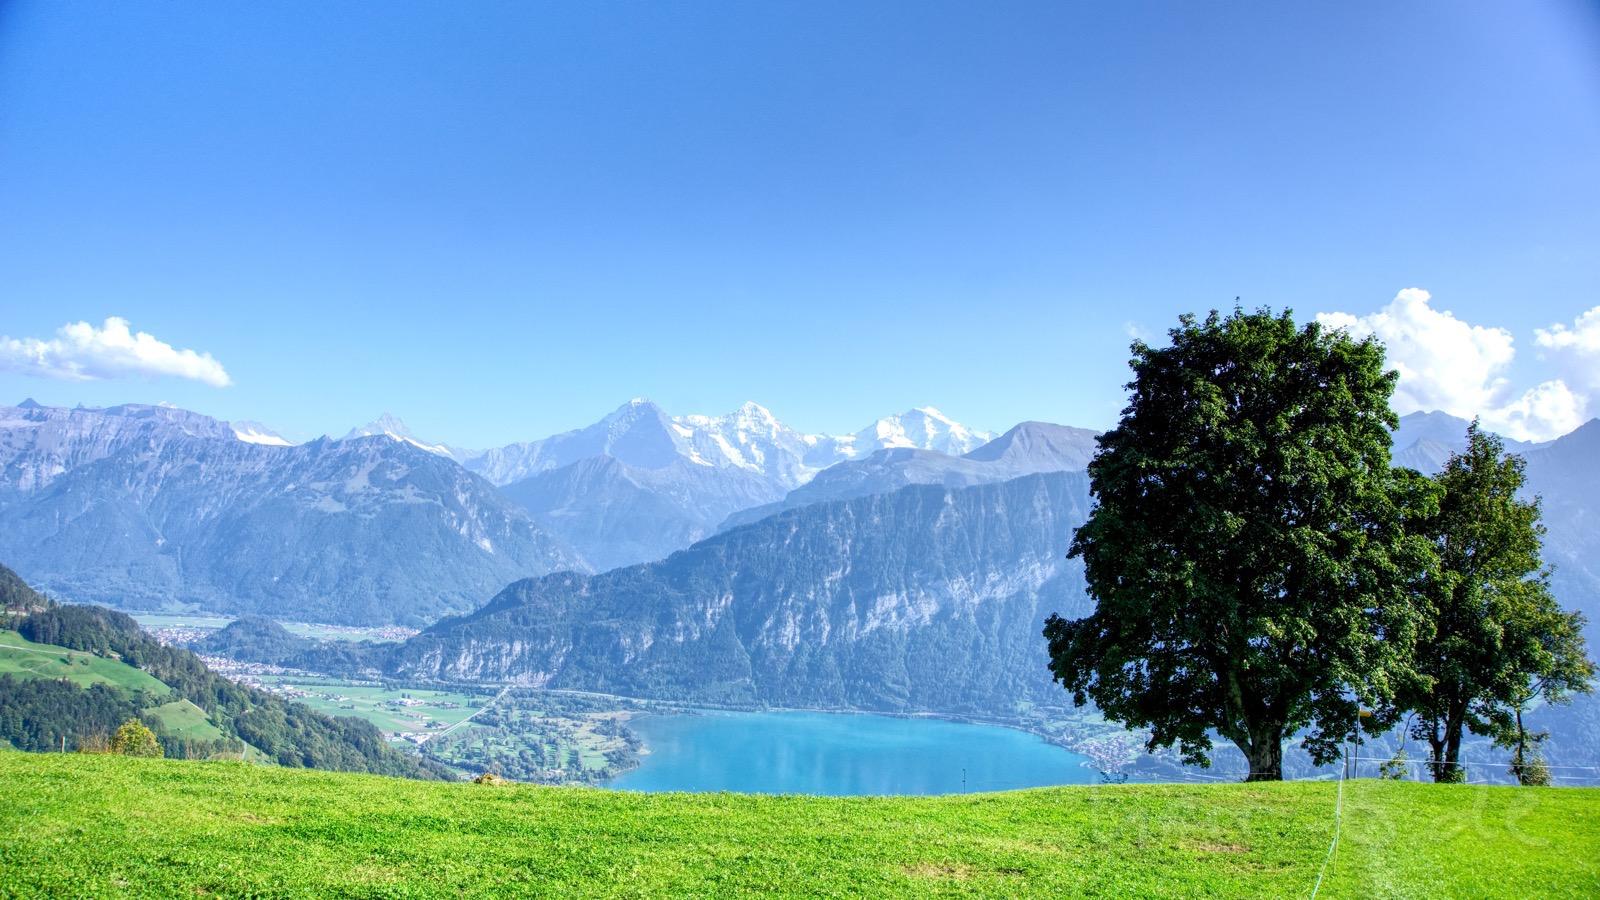 Eiger, Mönch, Jungfrau, Thunersee und schöner Baum.